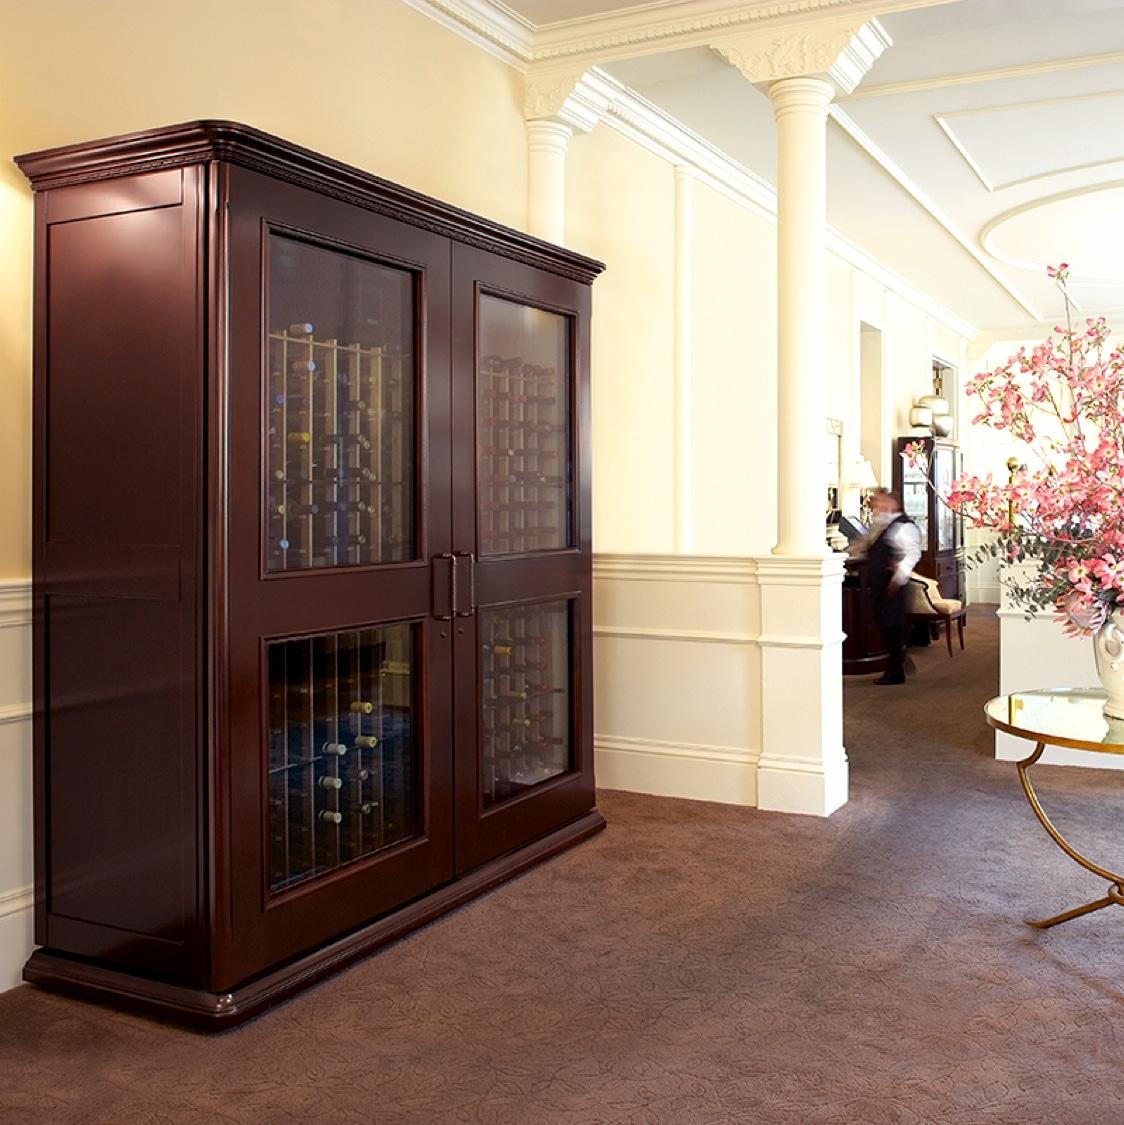 Le Cache Wine Cabinet Le Cache European Country Wine Cabinets Coastal Custom Wine Cellars